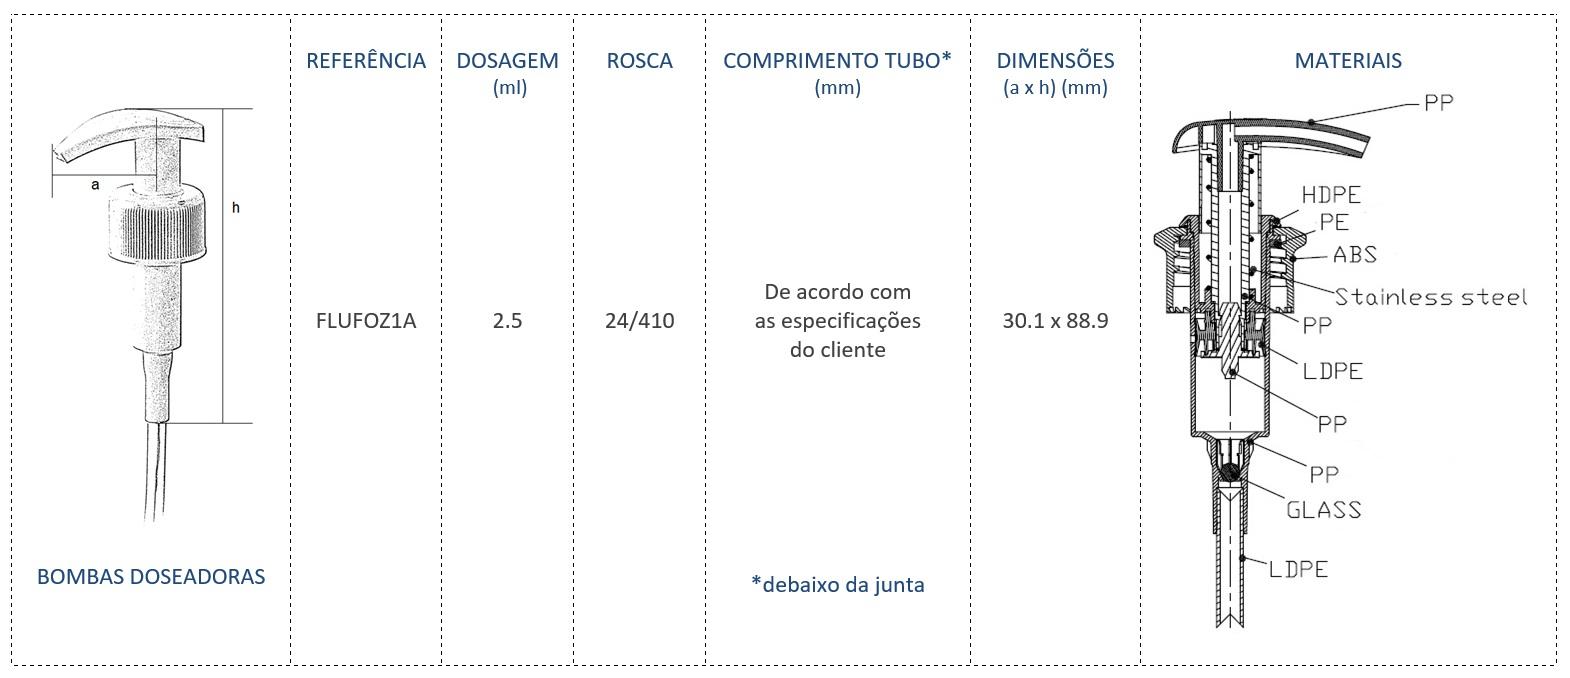 Bomba Doseadora 24/410 FLUFOZ1A